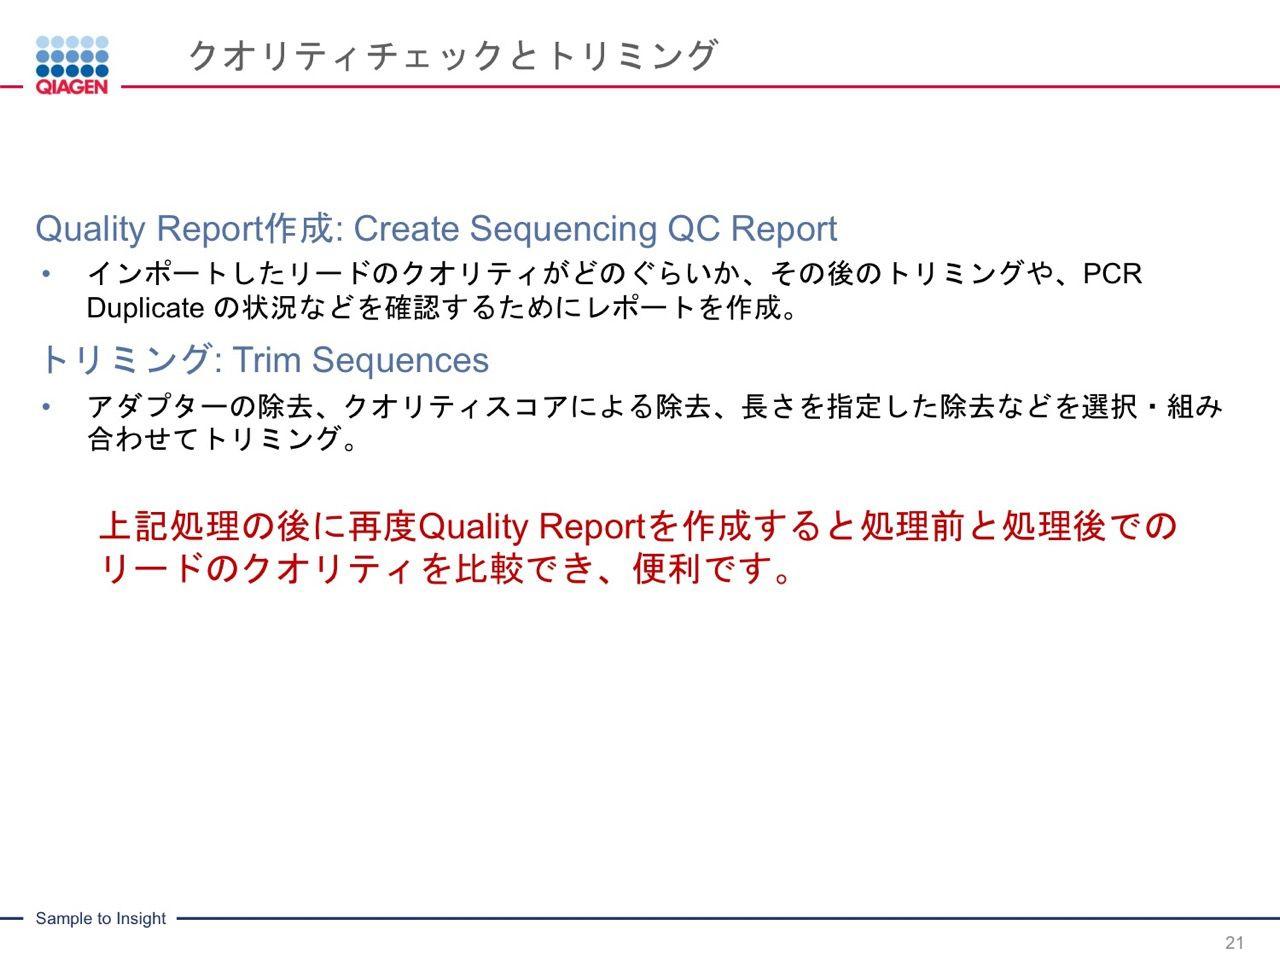 images/AJACSa2_miyamoto_021.jpg